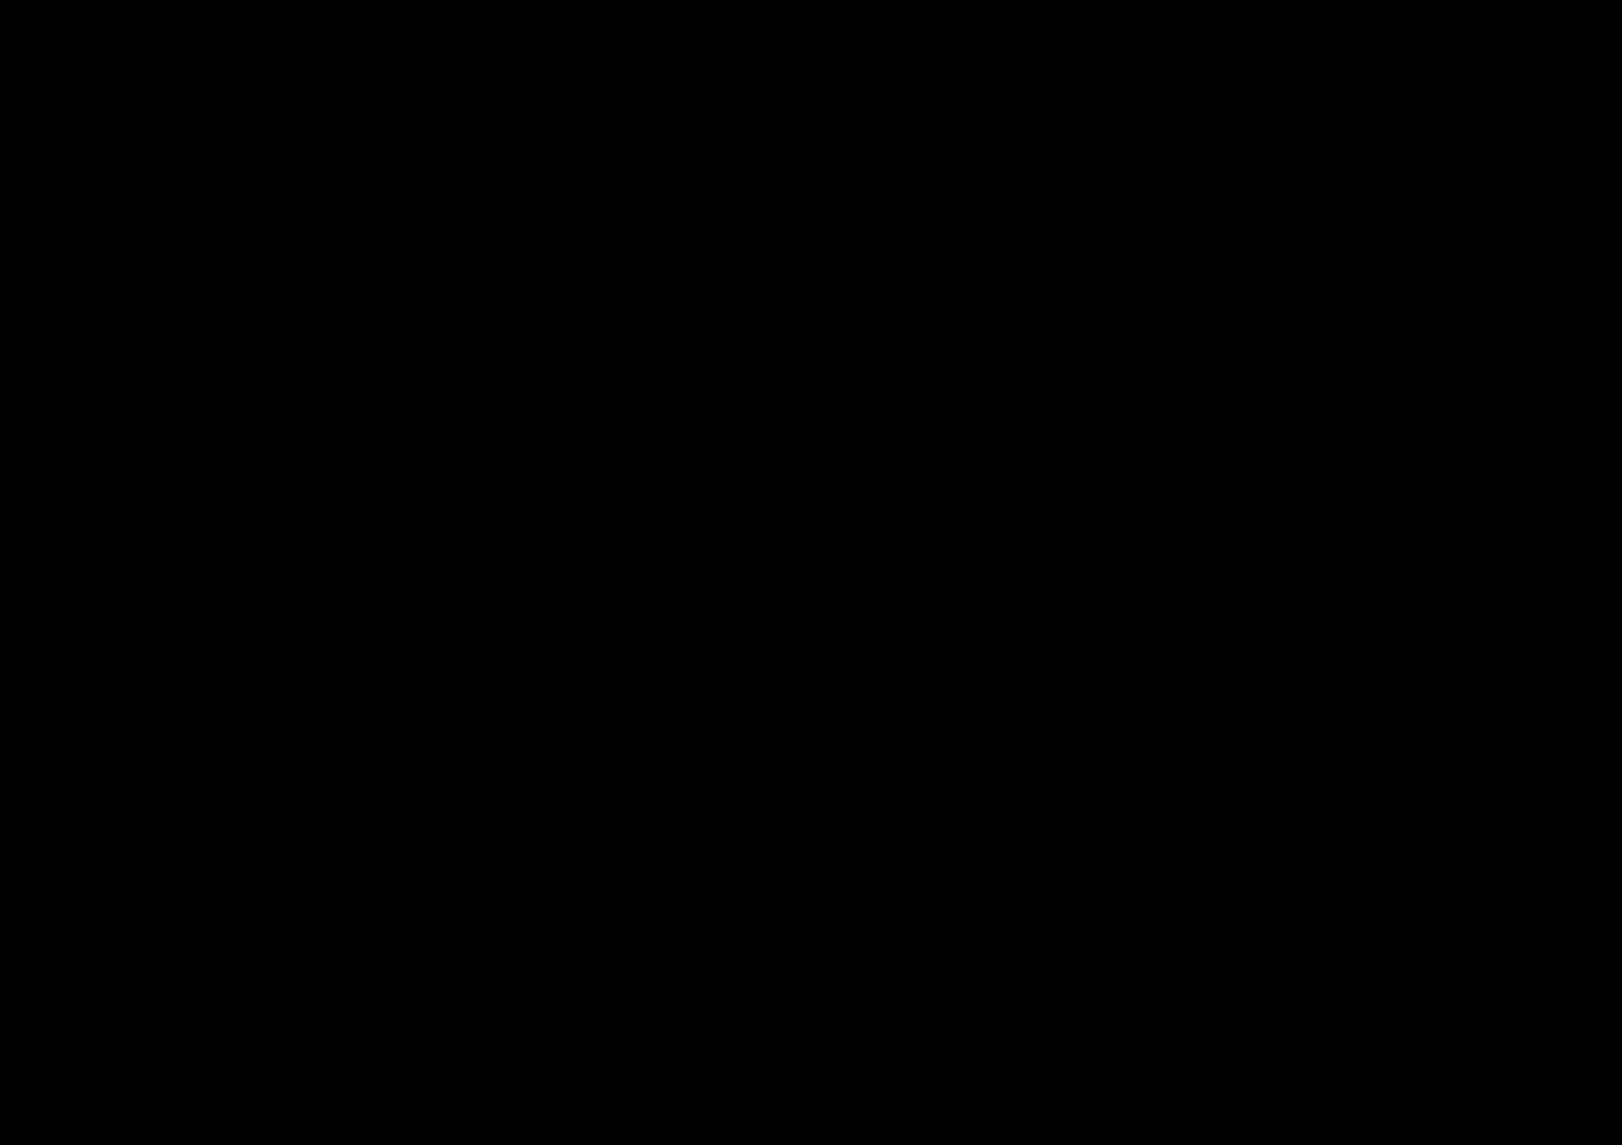 dsc2889